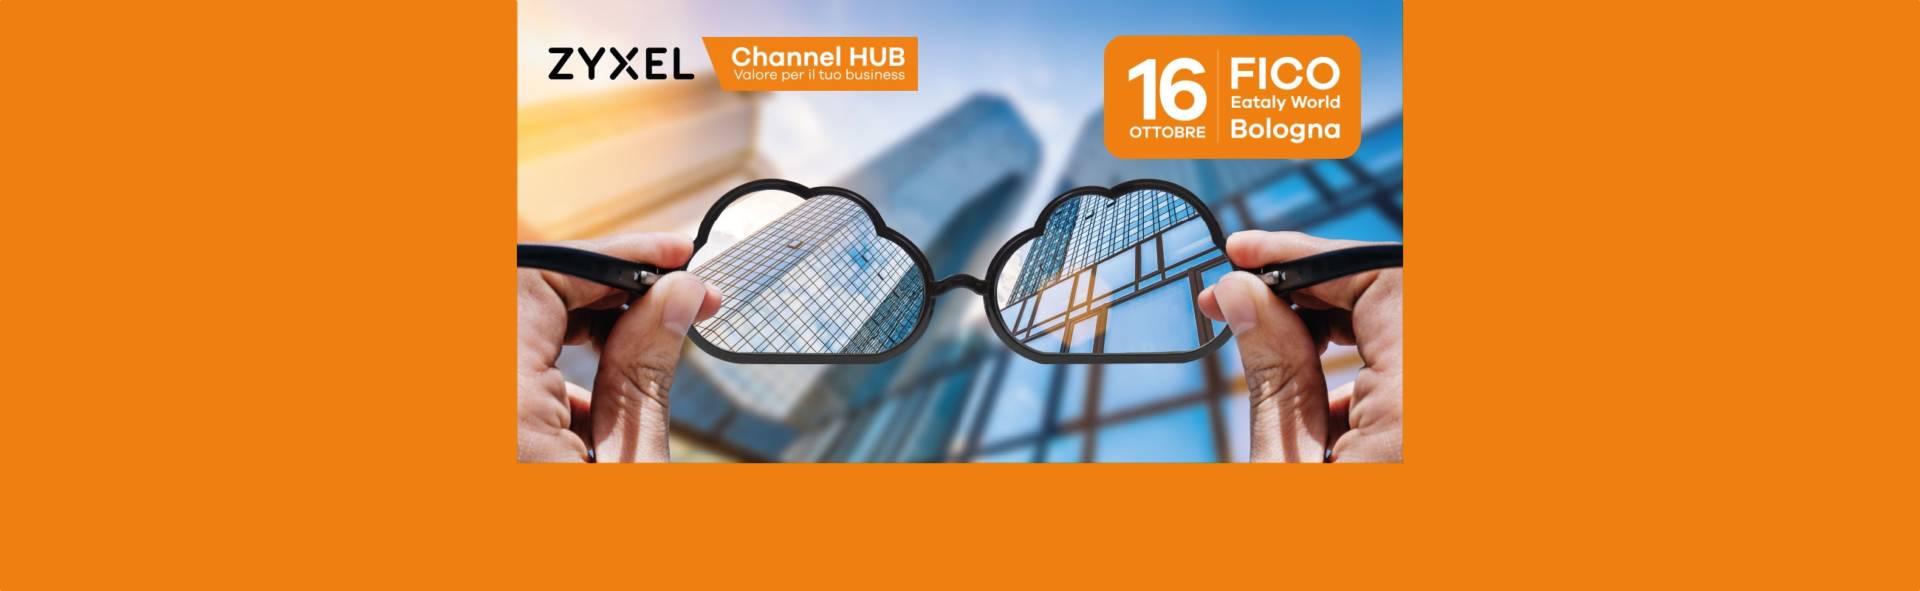 Zyxel CHANNEL HUB: un evento che crea valore per i Partner